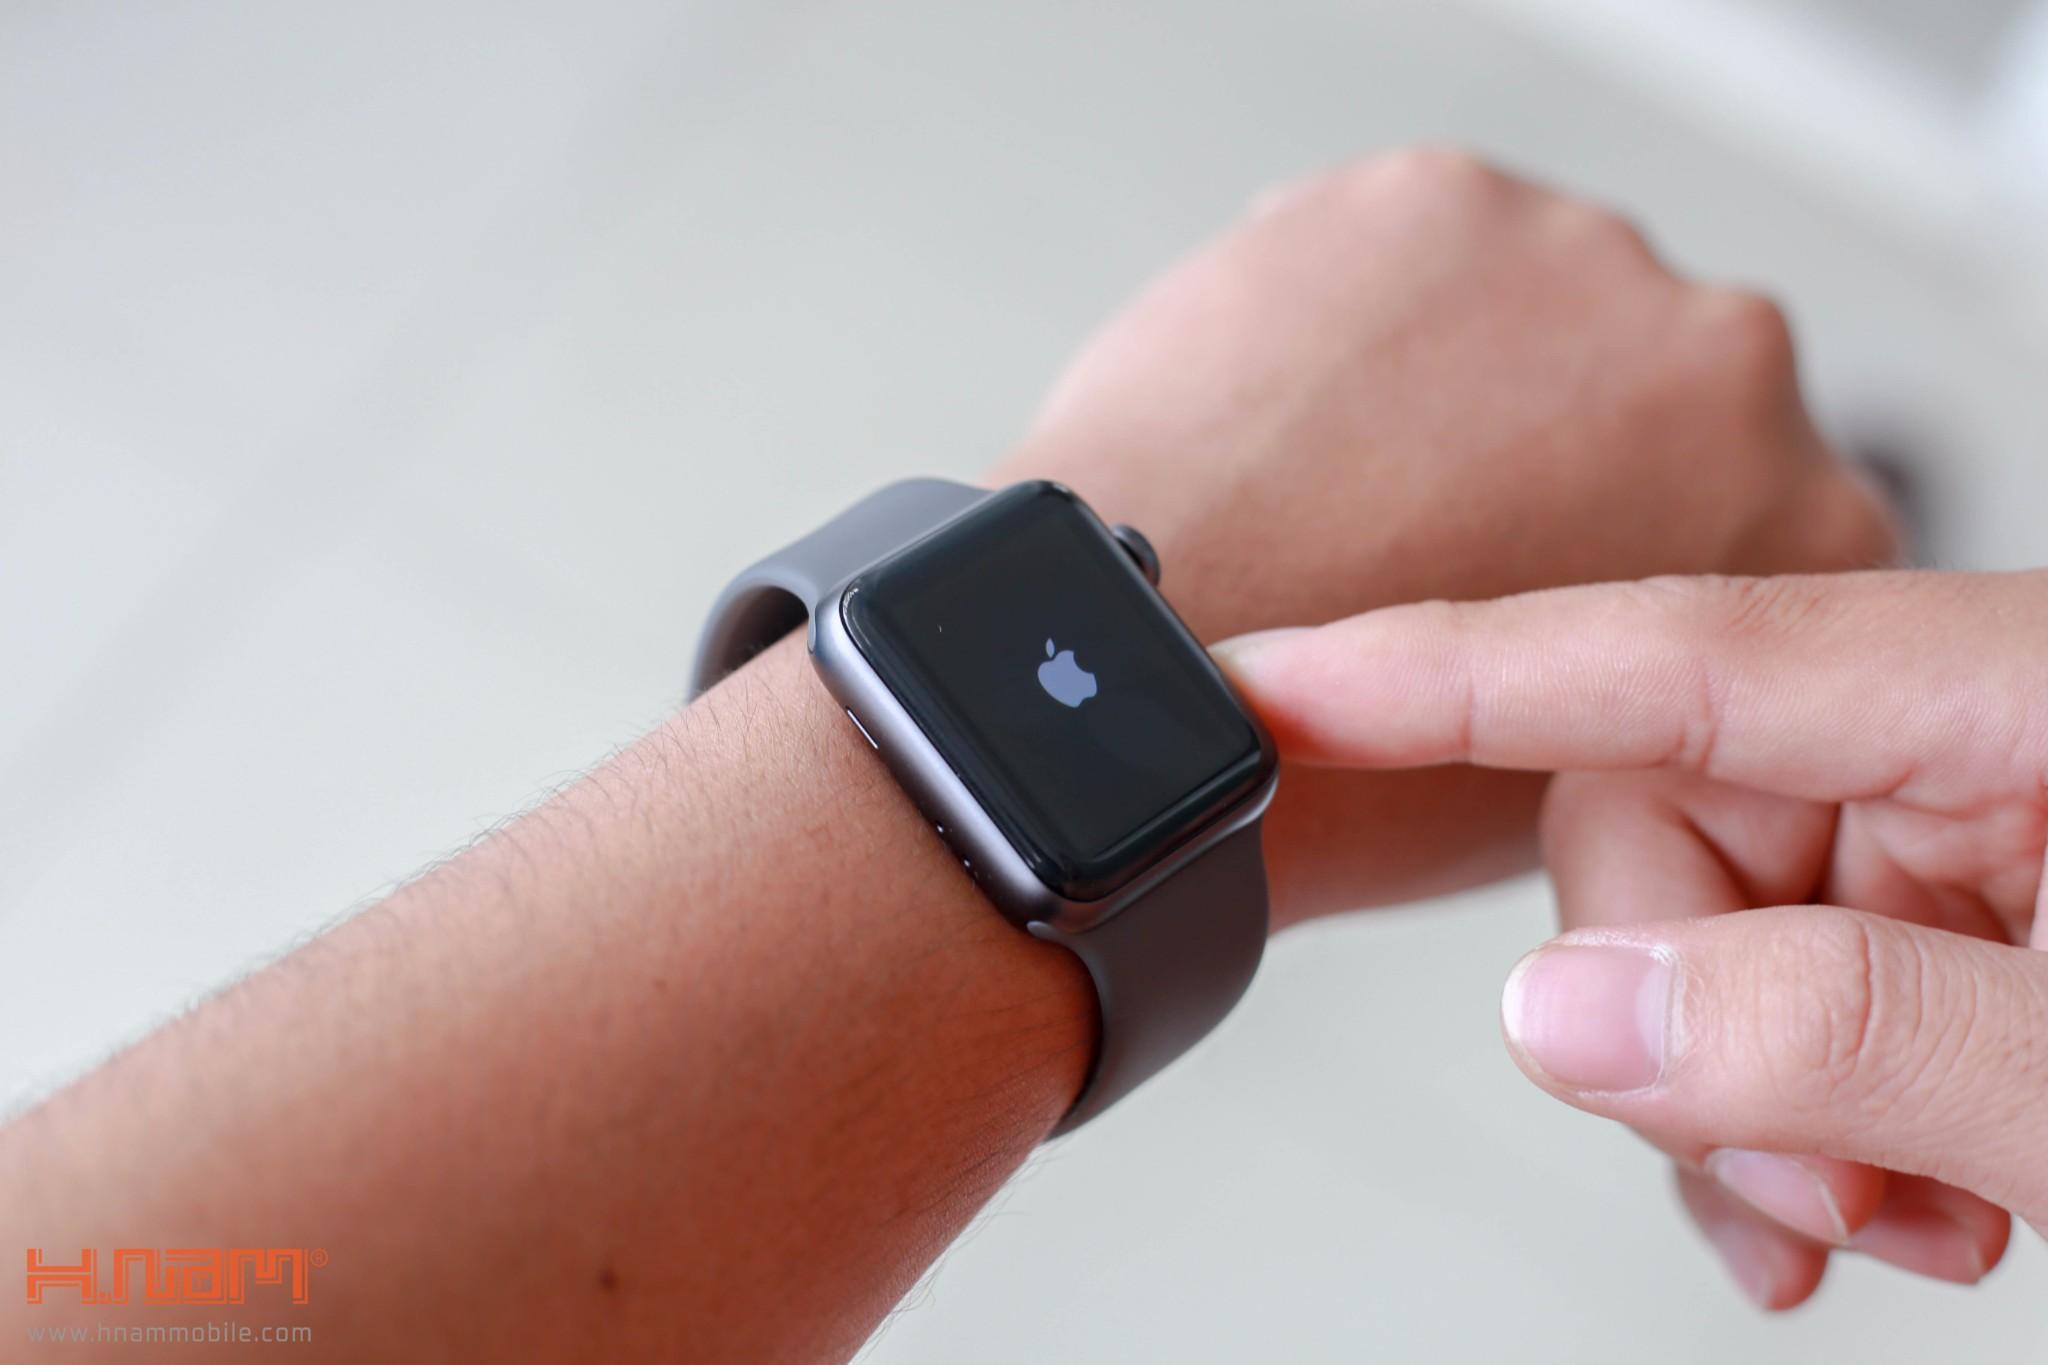 Đập 2 hộp Apple Watch Series 3: Vẫn rất đẹp và hiện đại, cấu hình mạnh hơn hình 19